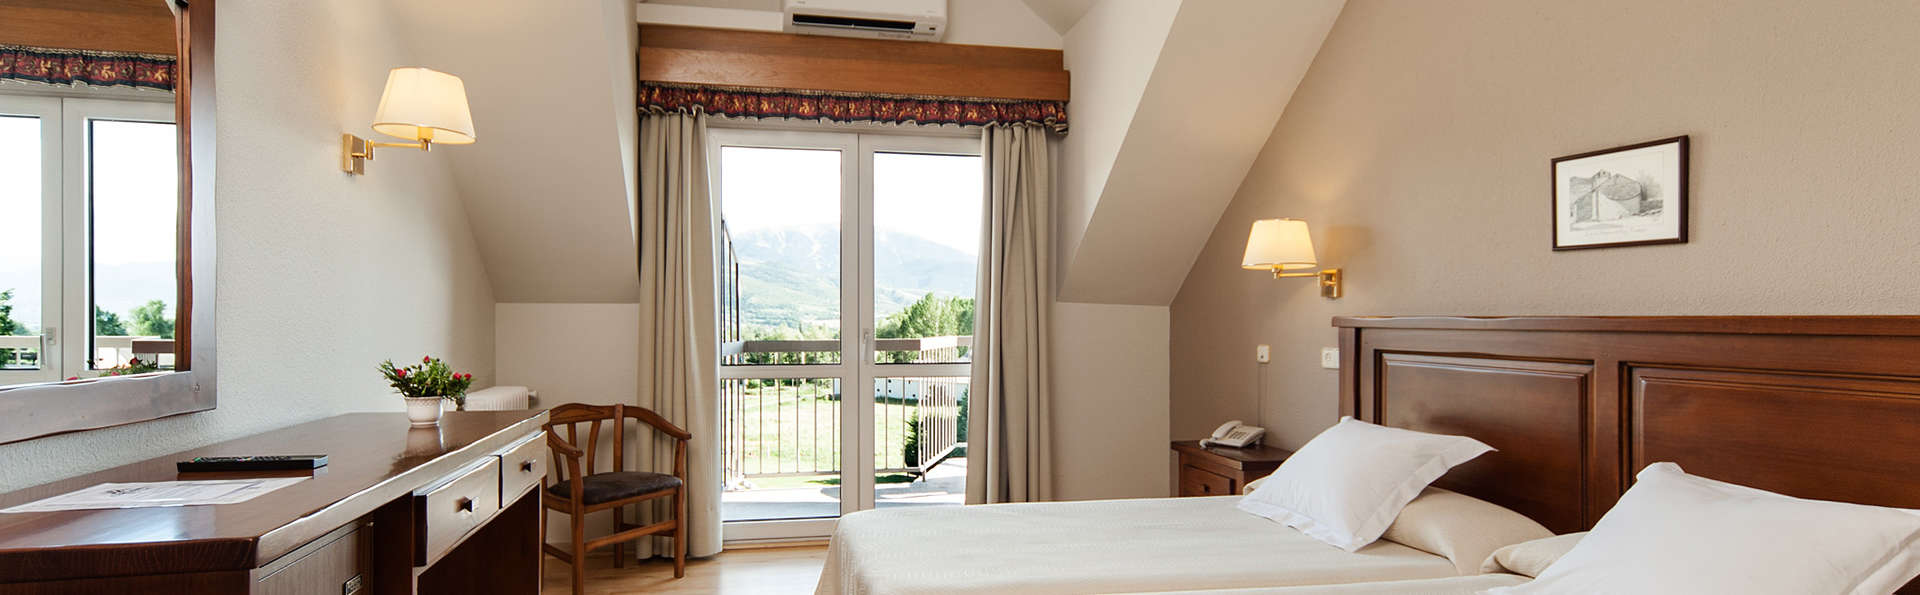 Park Hotel & Spa Puigcerdá - EDIT_room3.jpg